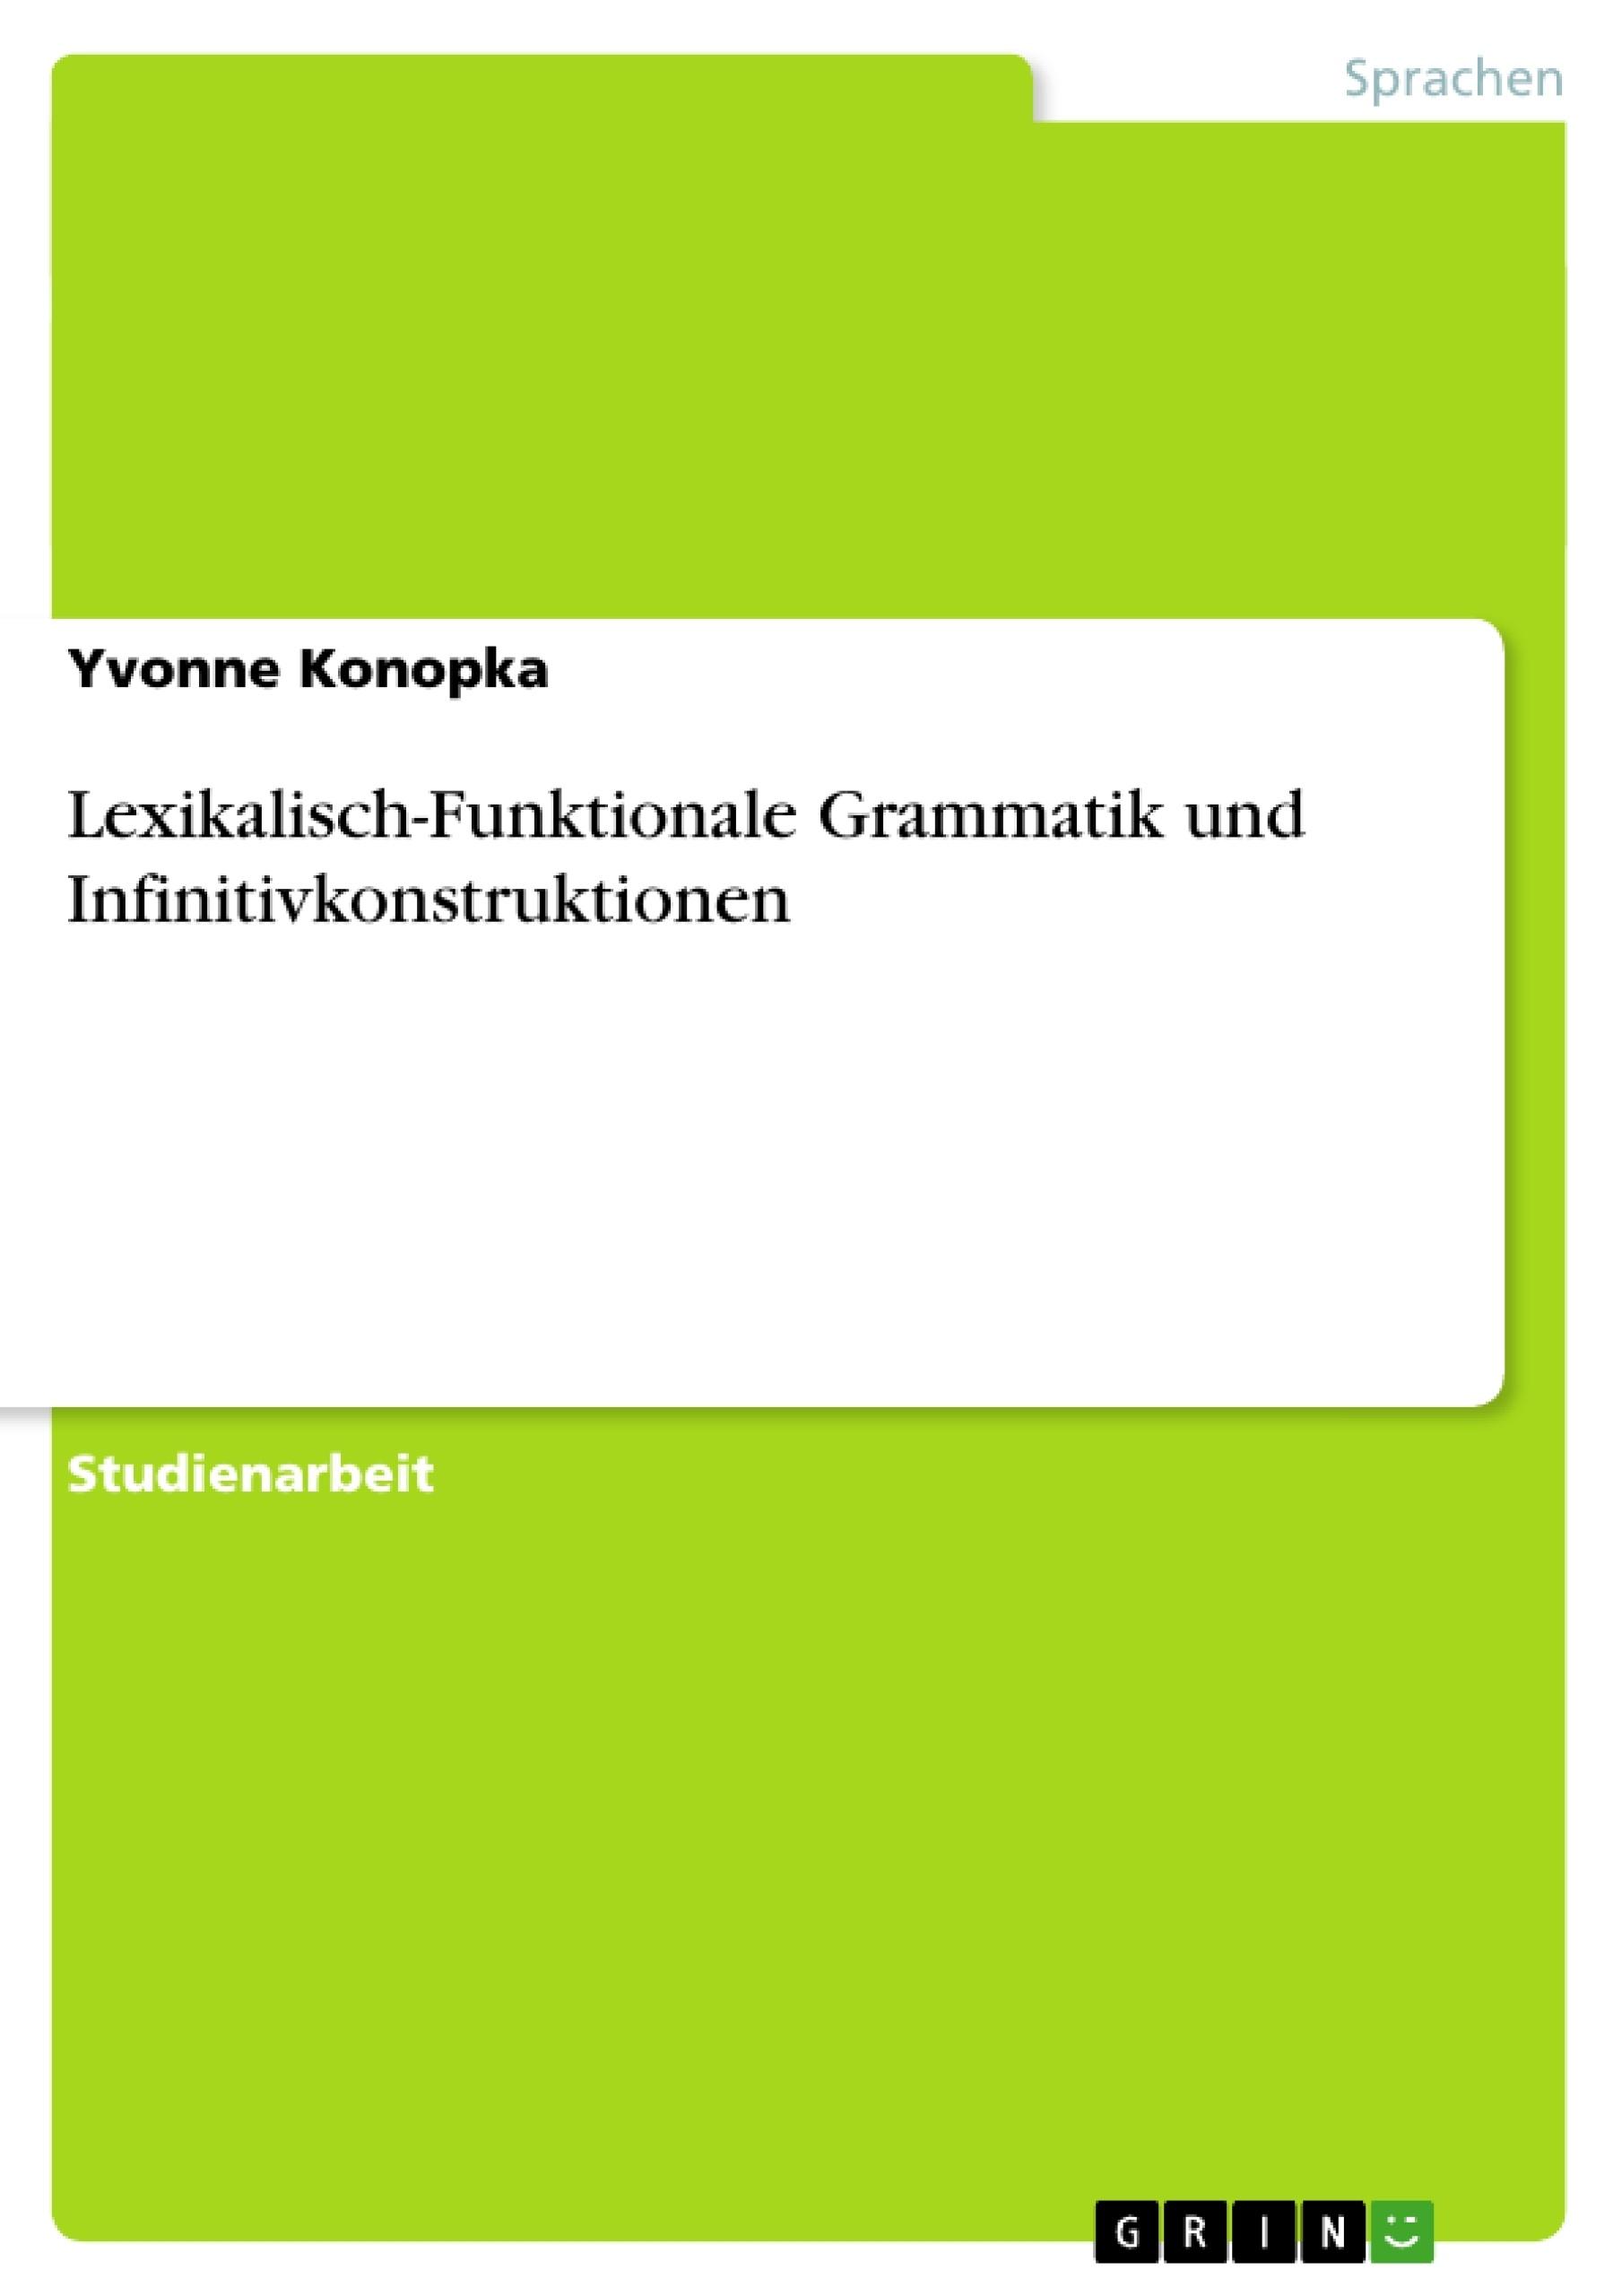 Titel: Lexikalisch-Funktionale Grammatik und Infinitivkonstruktionen